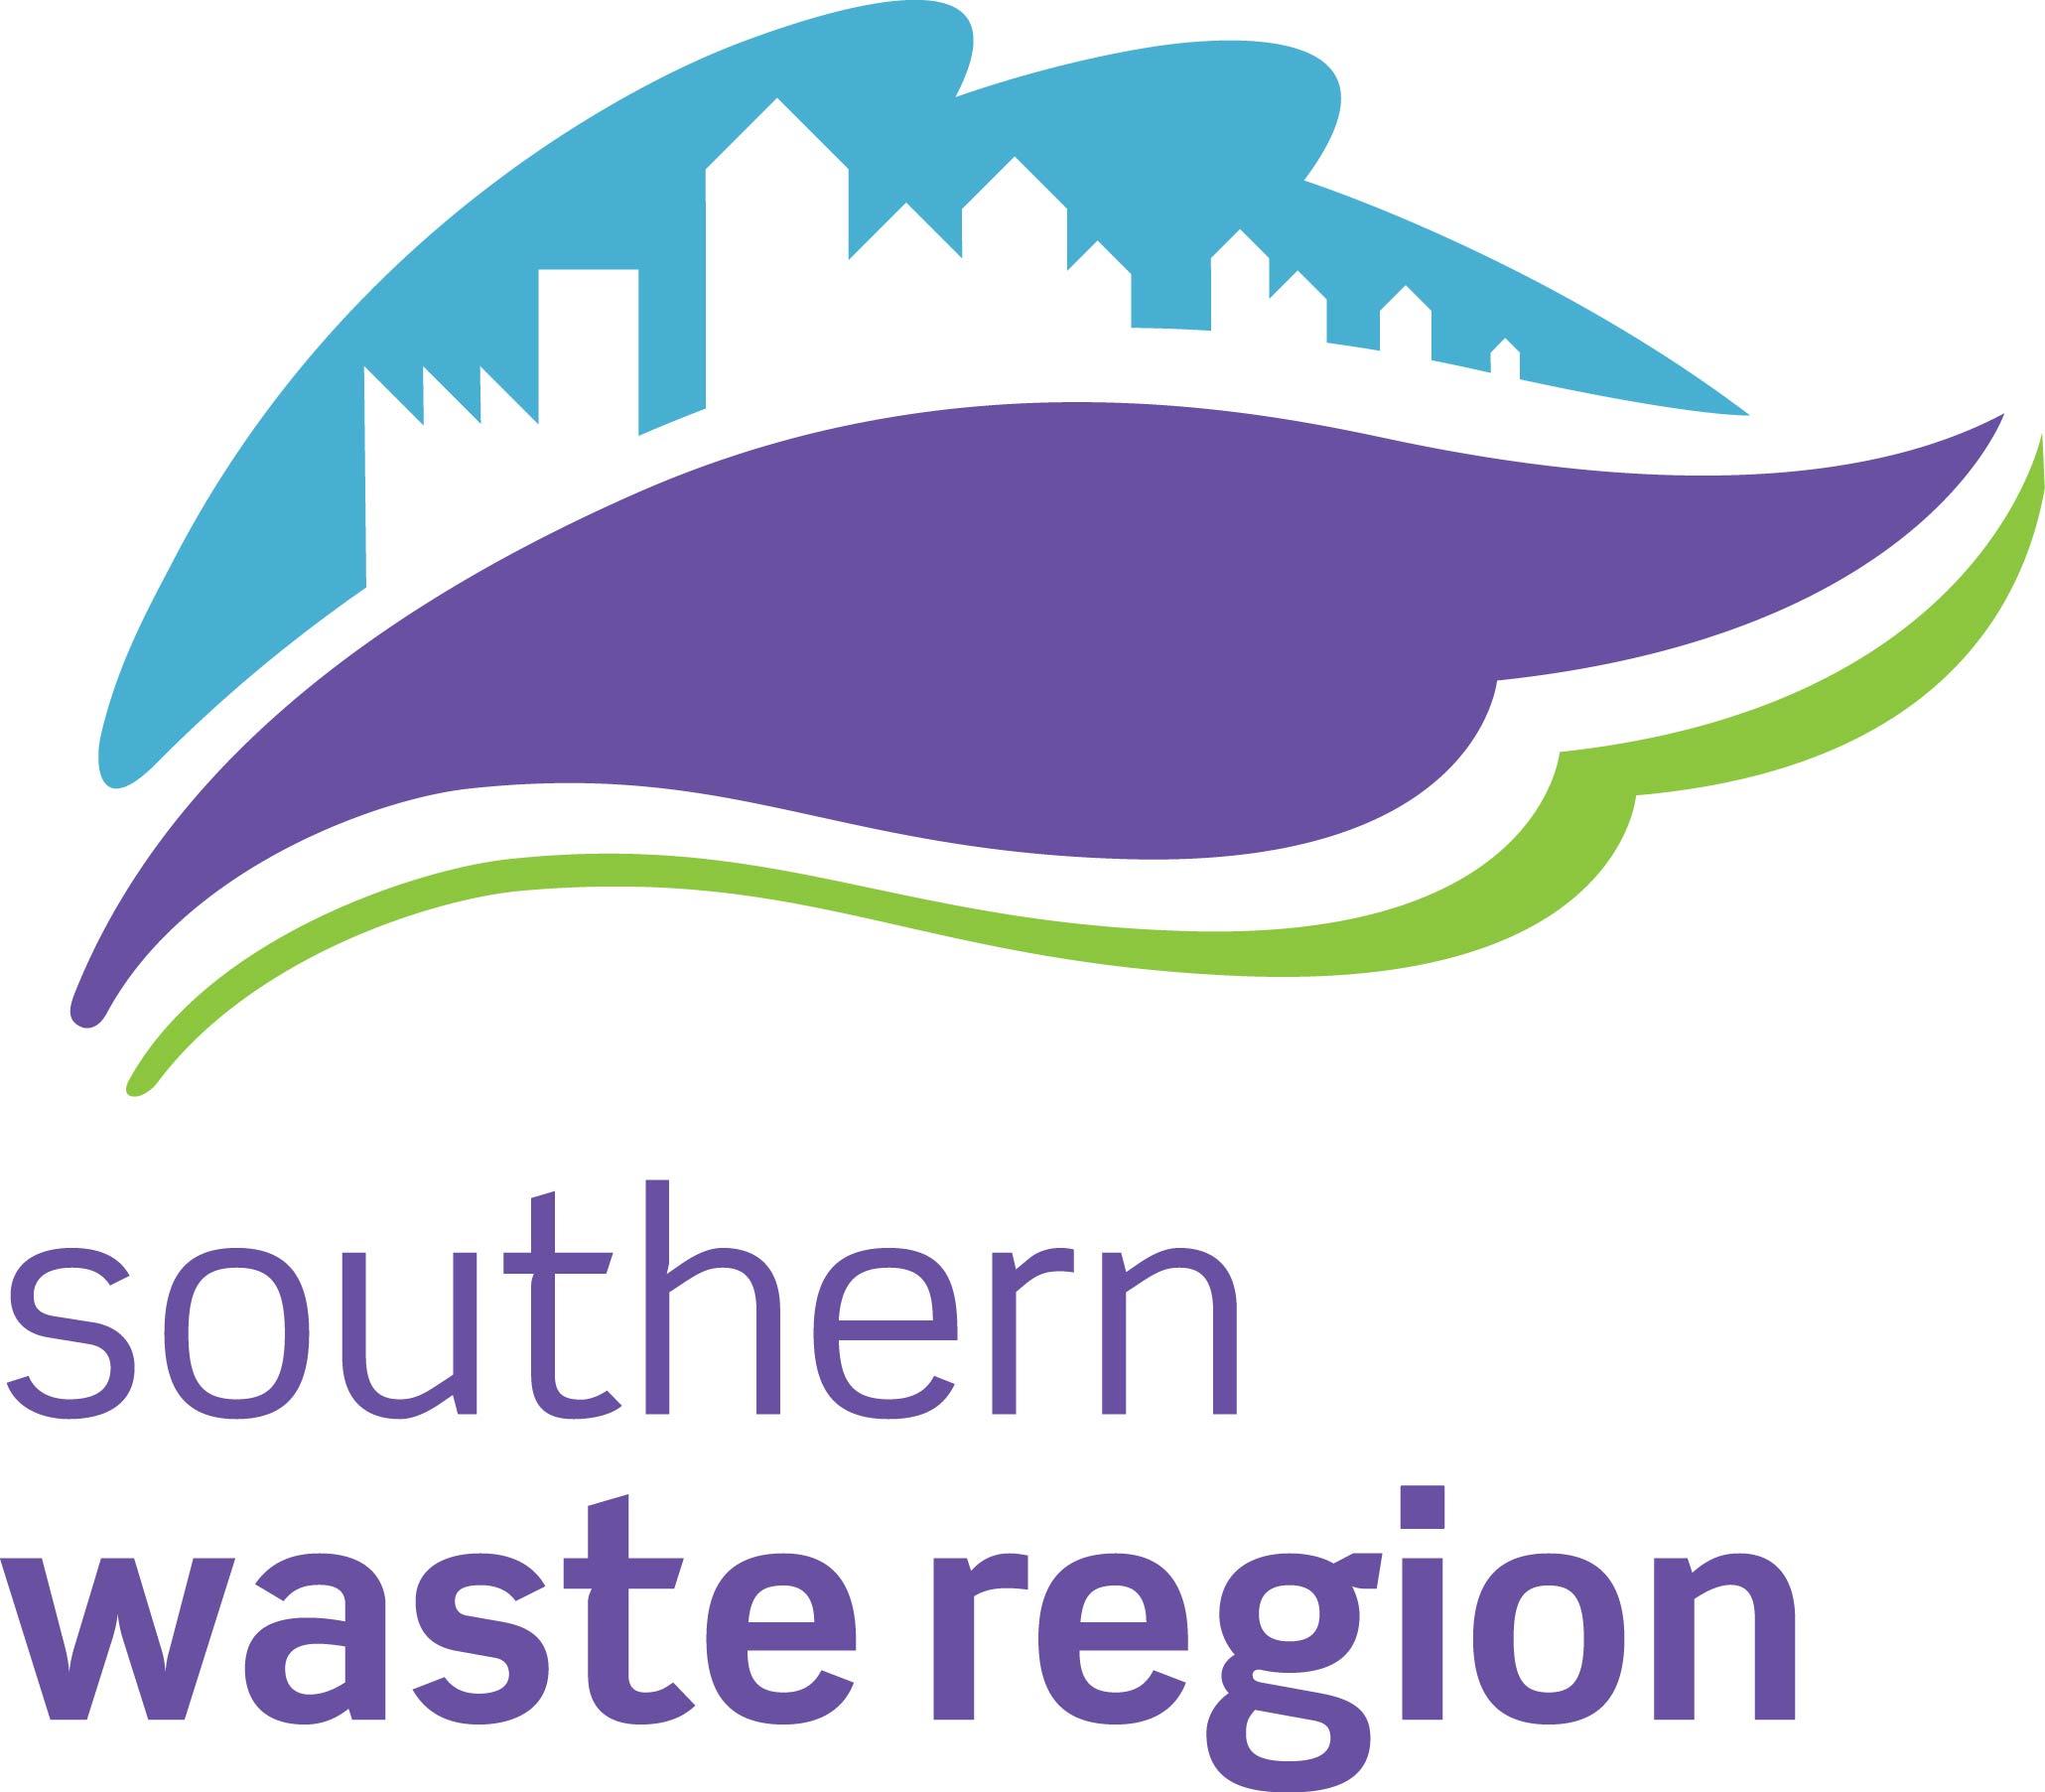 Southern_Waste_Region_RGB